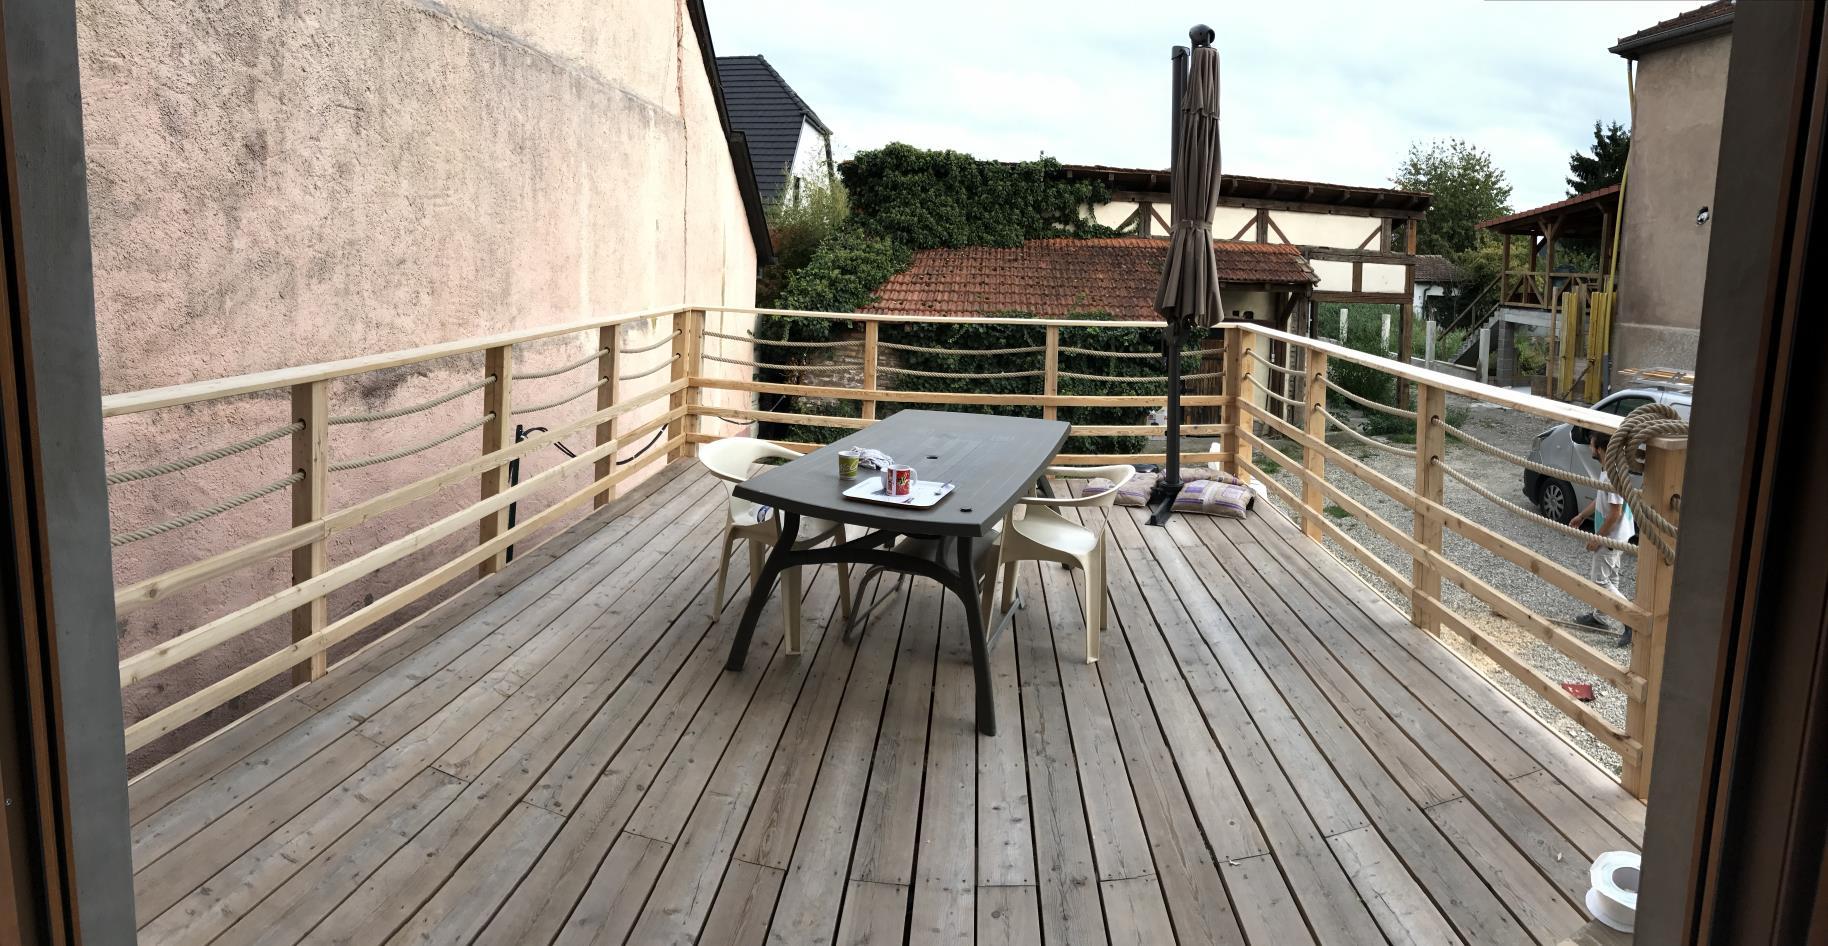 Vue d'ensemble de la terrasse bois finie et de son garde corps